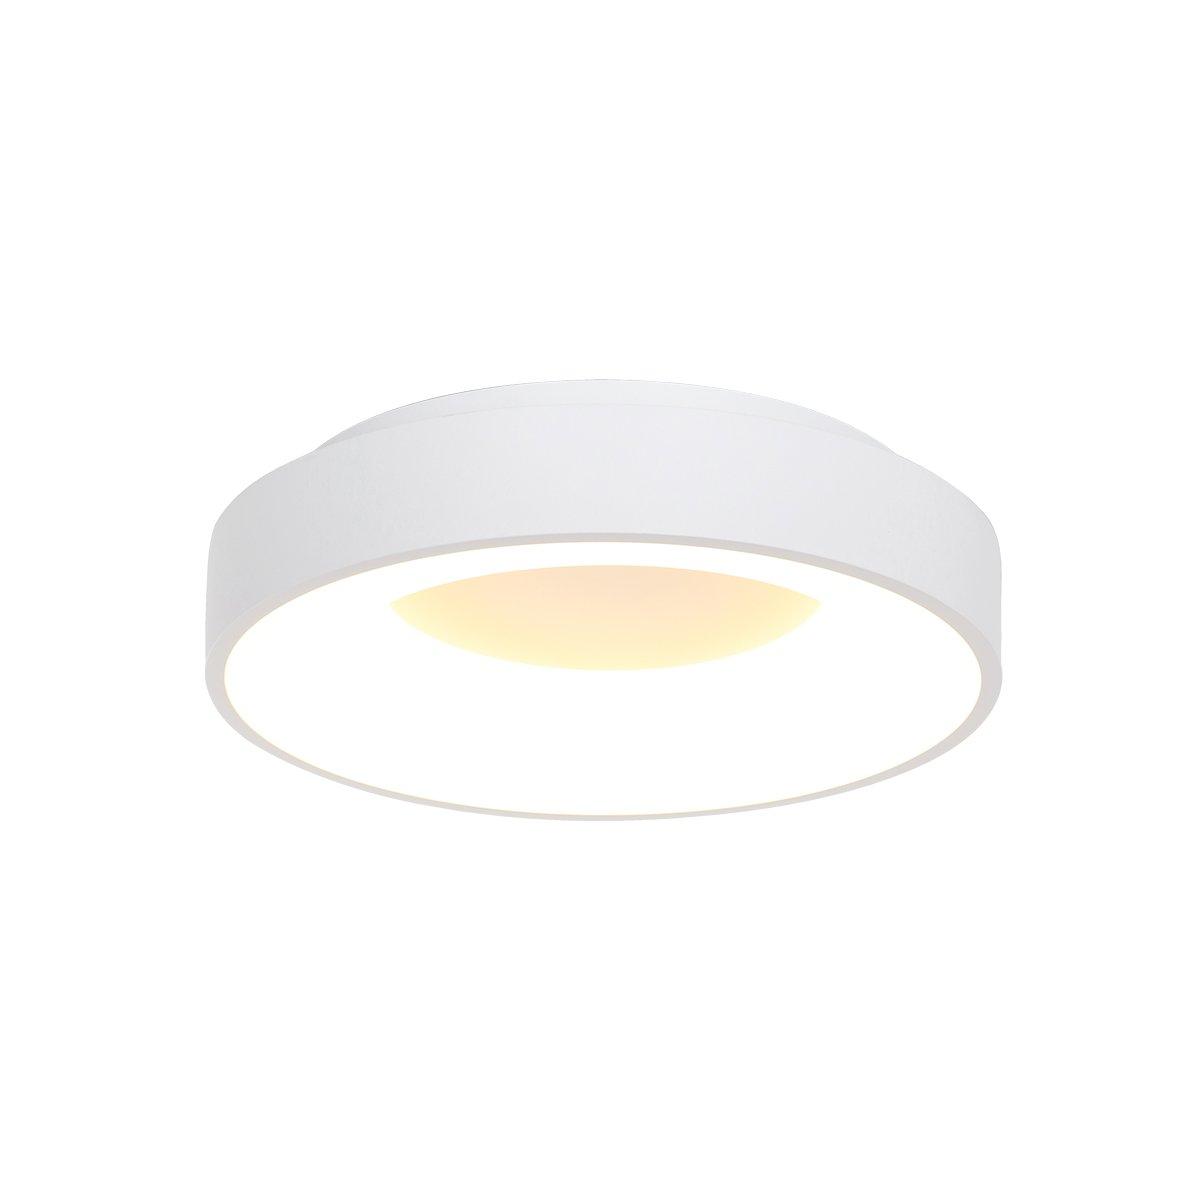 Plafondlamp Steinhauer 2562 Wit